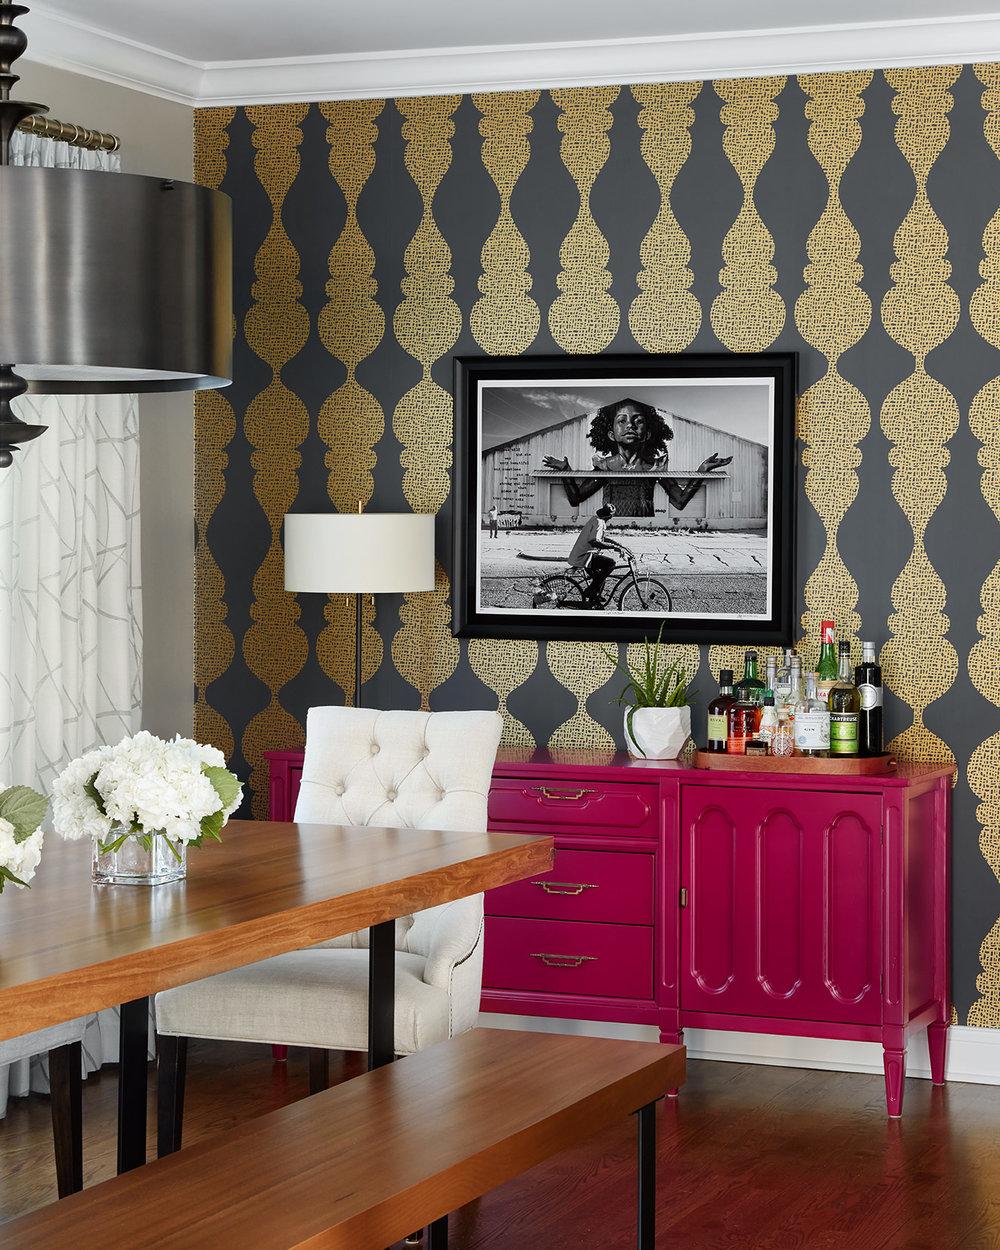 885_02.jpgunpatterned_wallsdown-interiordesign-chicago-07.jpg